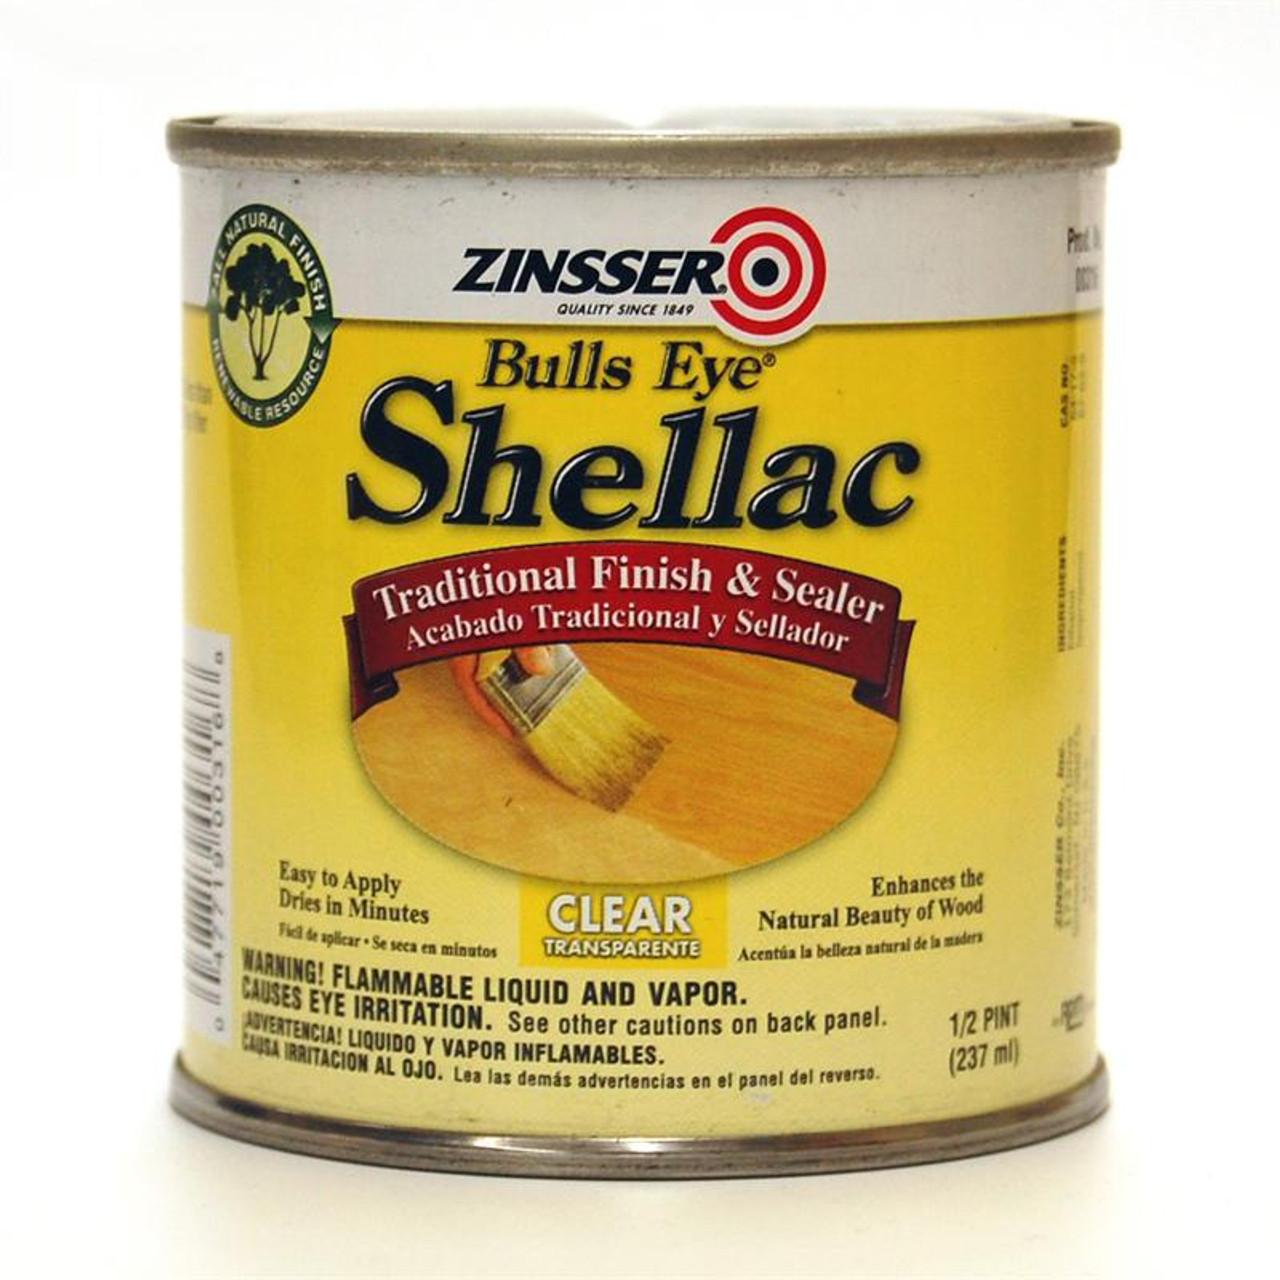 Zinsser Bulls Eye Clear Shellac